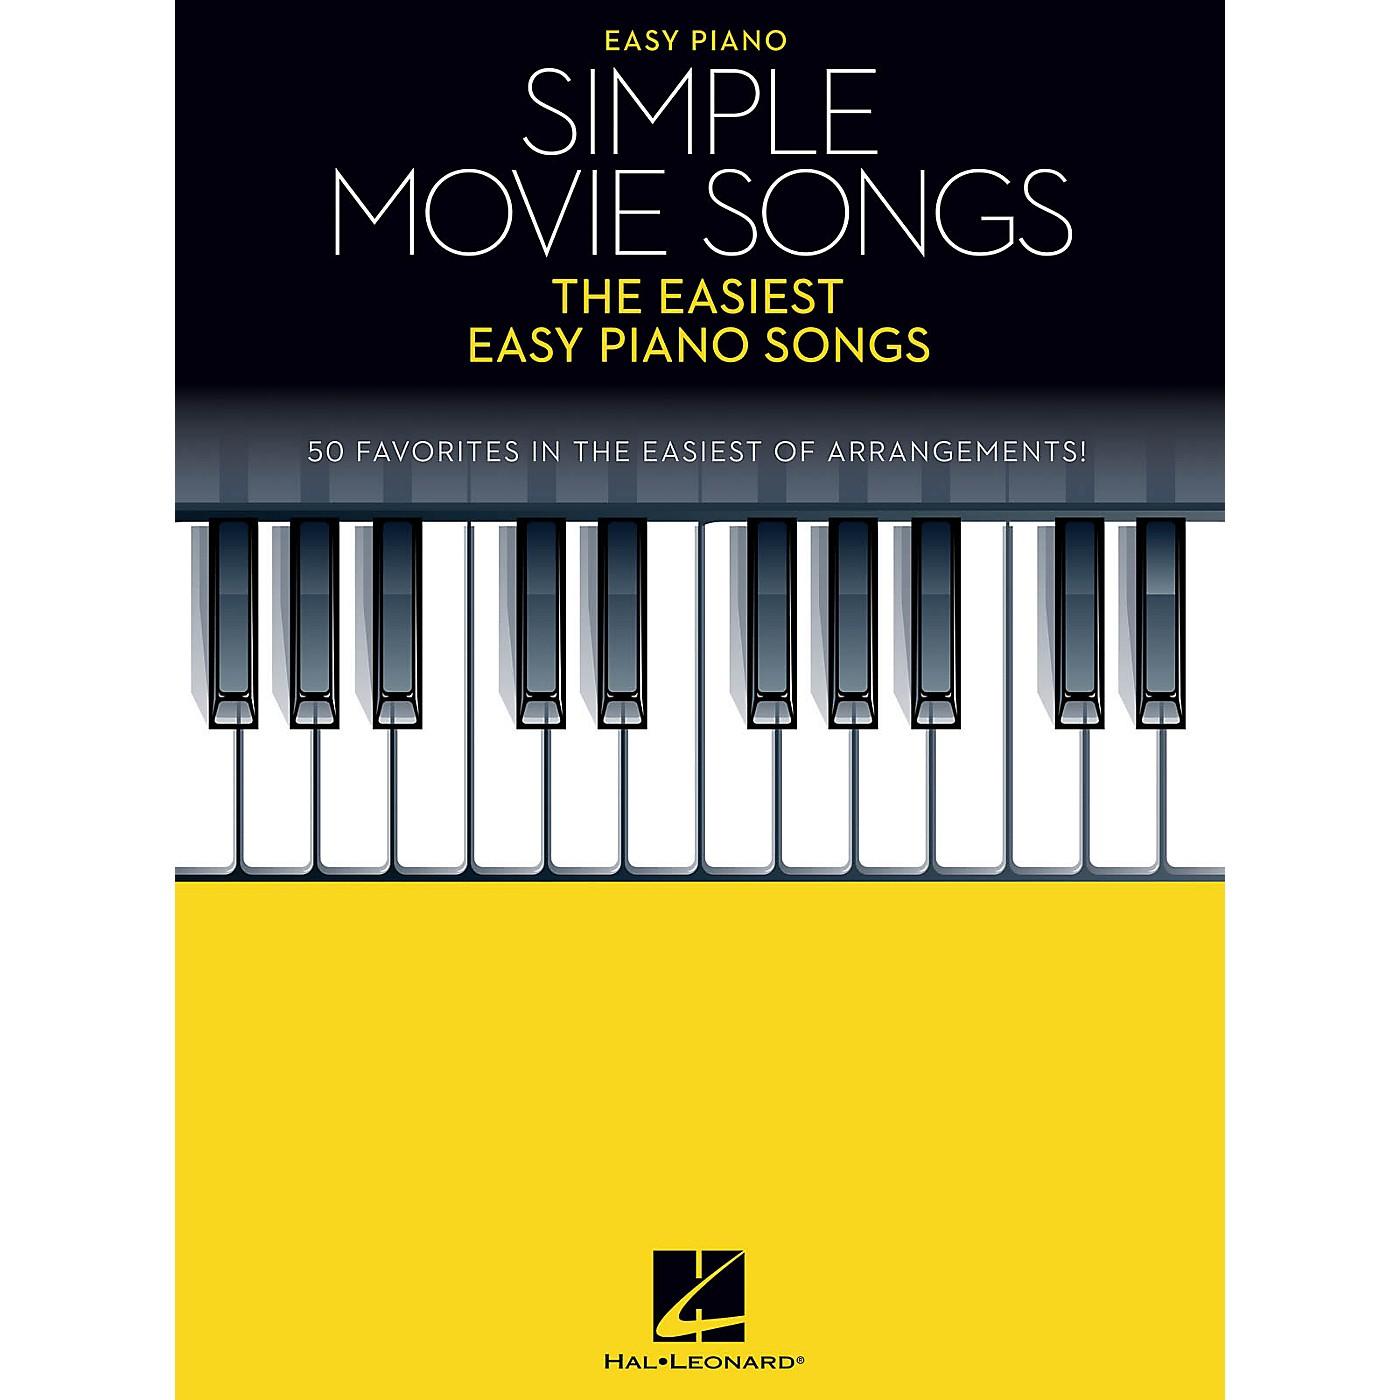 Hal Leonard Simple Movie Songs - The Easiest Easy Piano Songs Songbook thumbnail